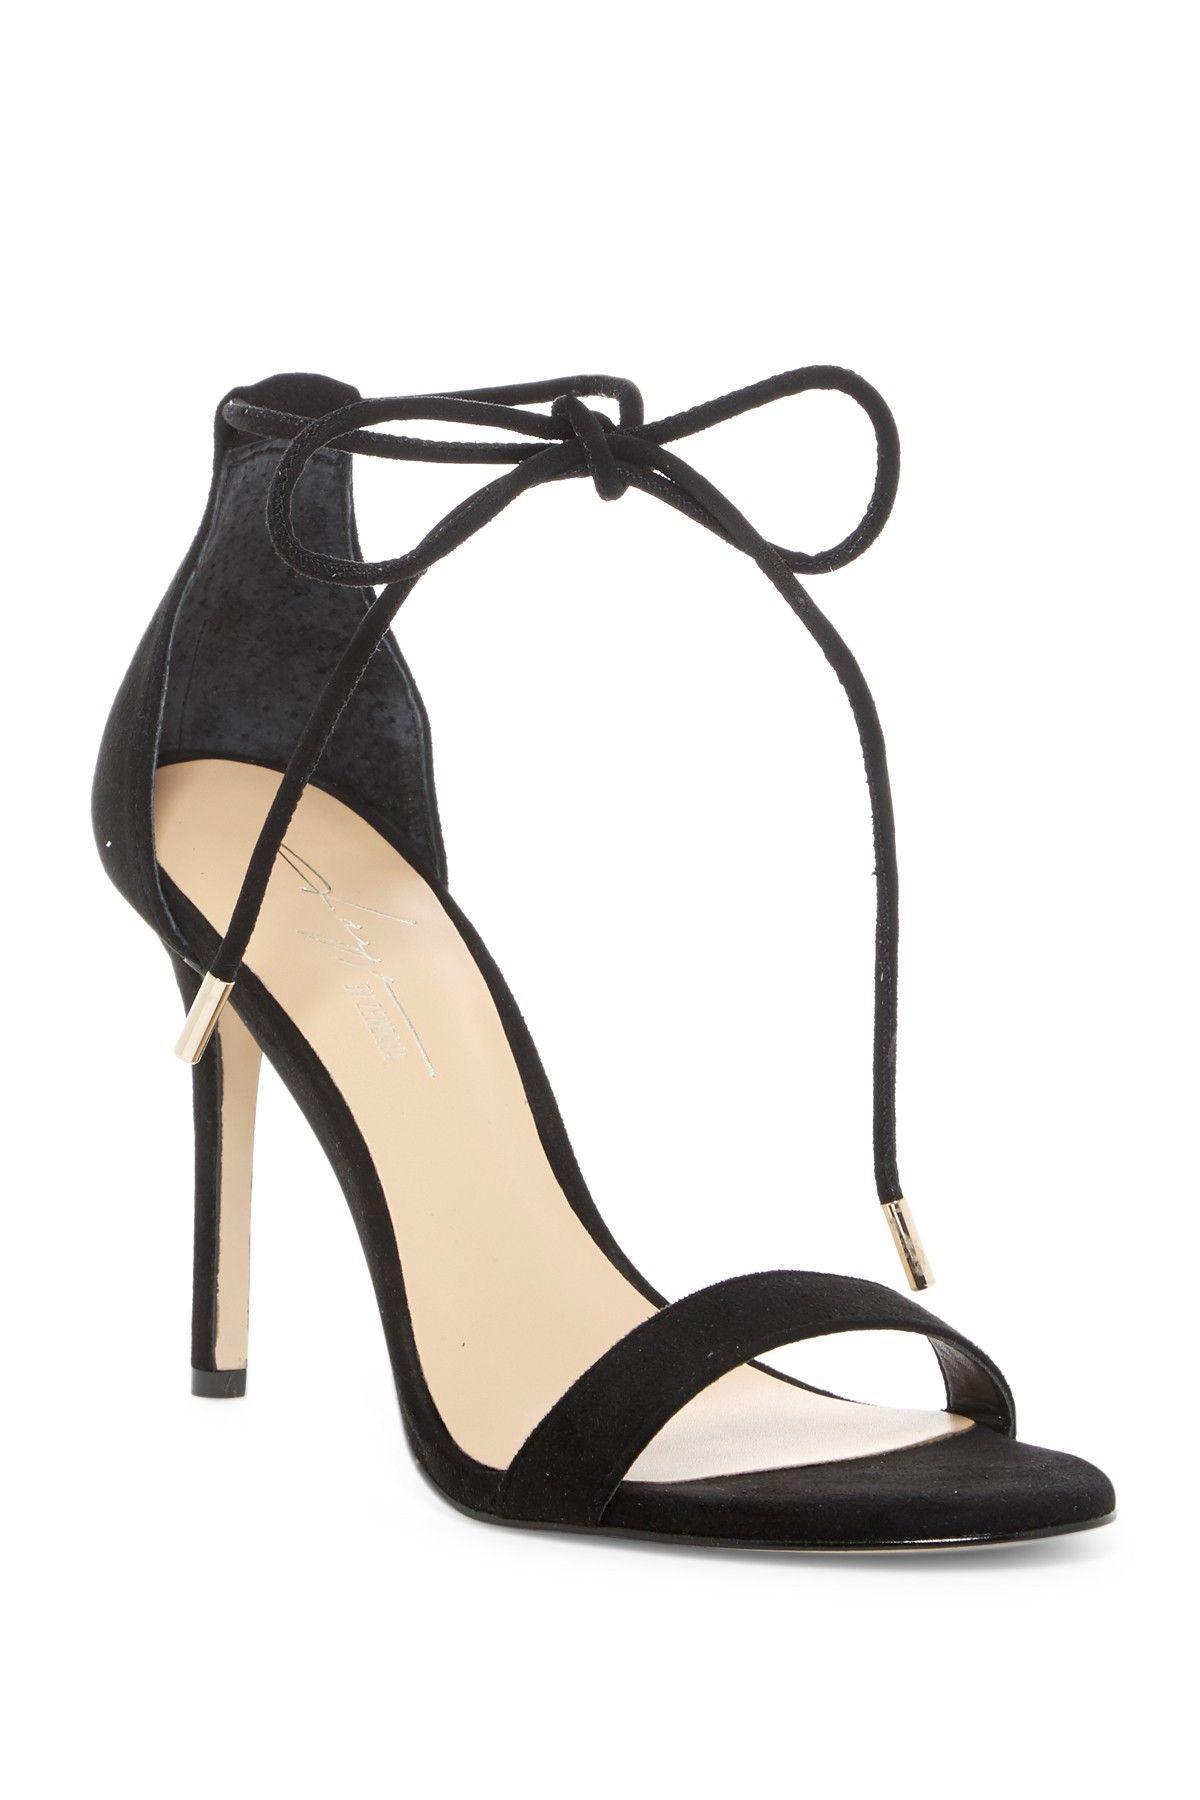 cb9304a49970 Nina Ankle Tie Sandal. Daya by Zendaya